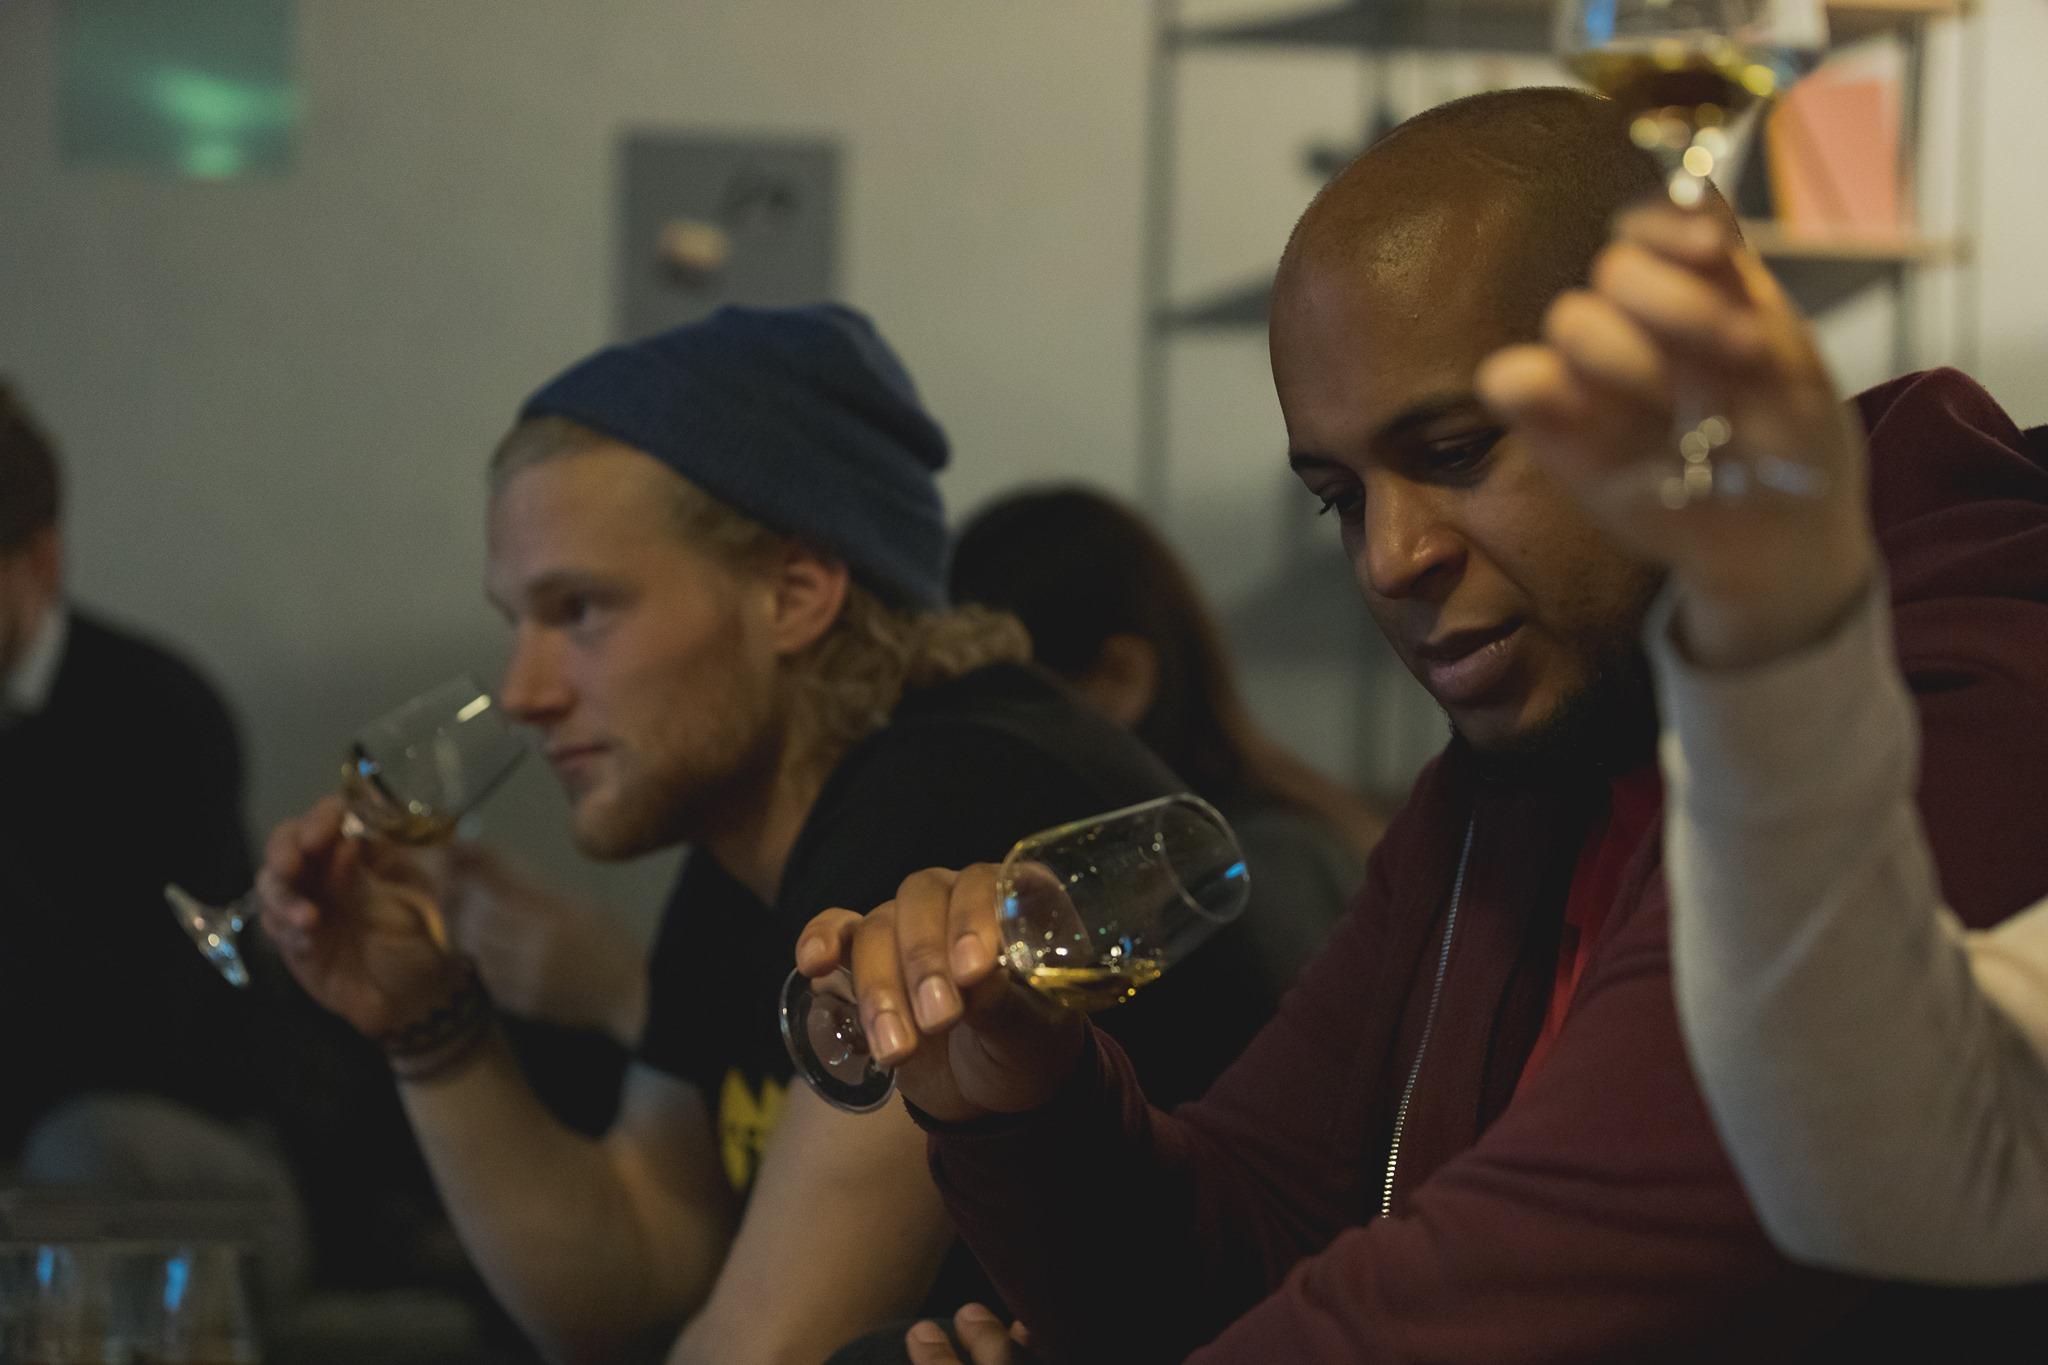 Beim Whisky-Tasting lernst du alles über das Destillat.